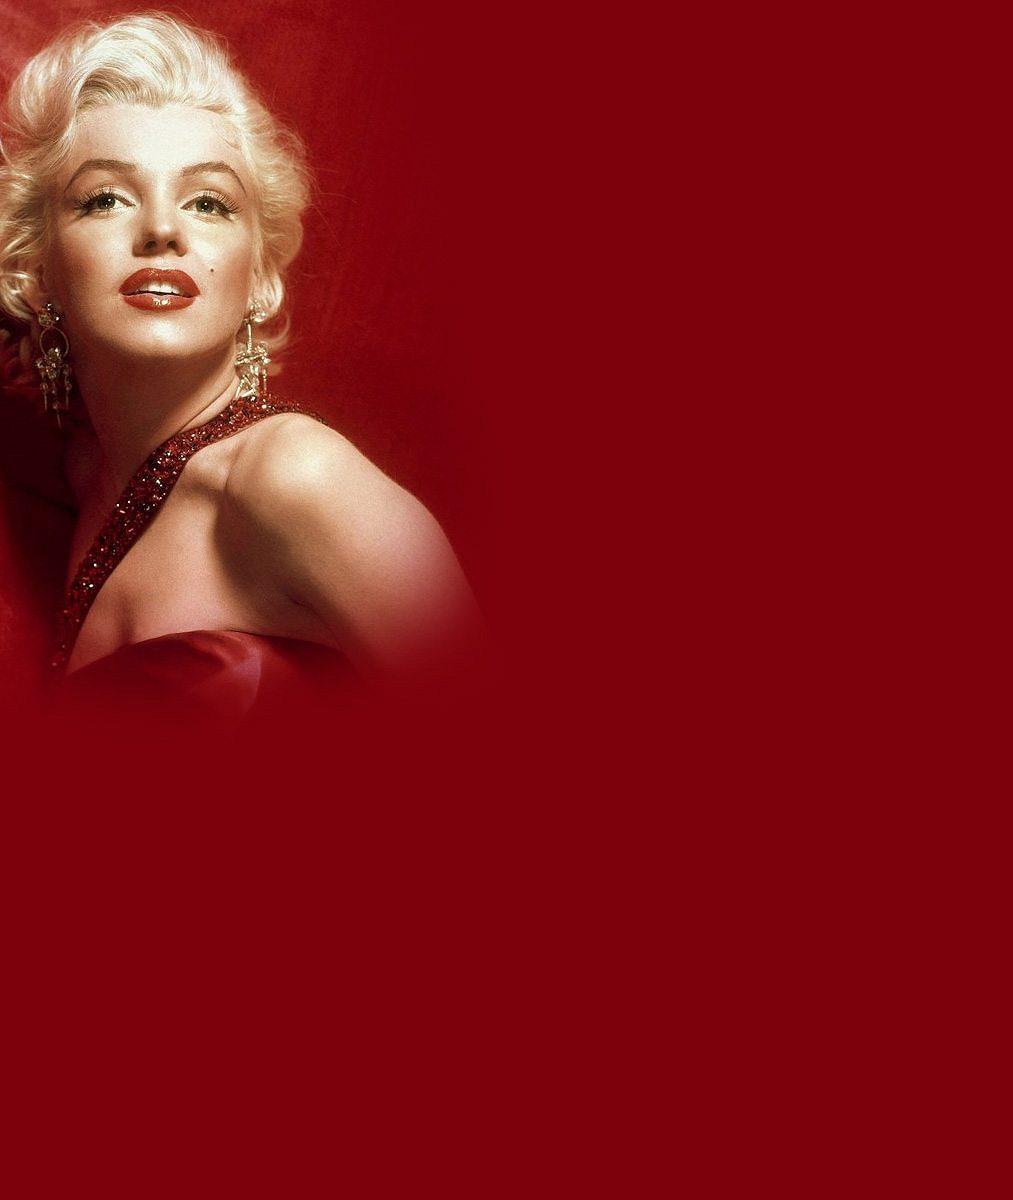 Když dvě dělají totéž, není to totéž: Takhle vystrkuje z vody zadeček nejnovější kopie nesmrtelné Marilyn